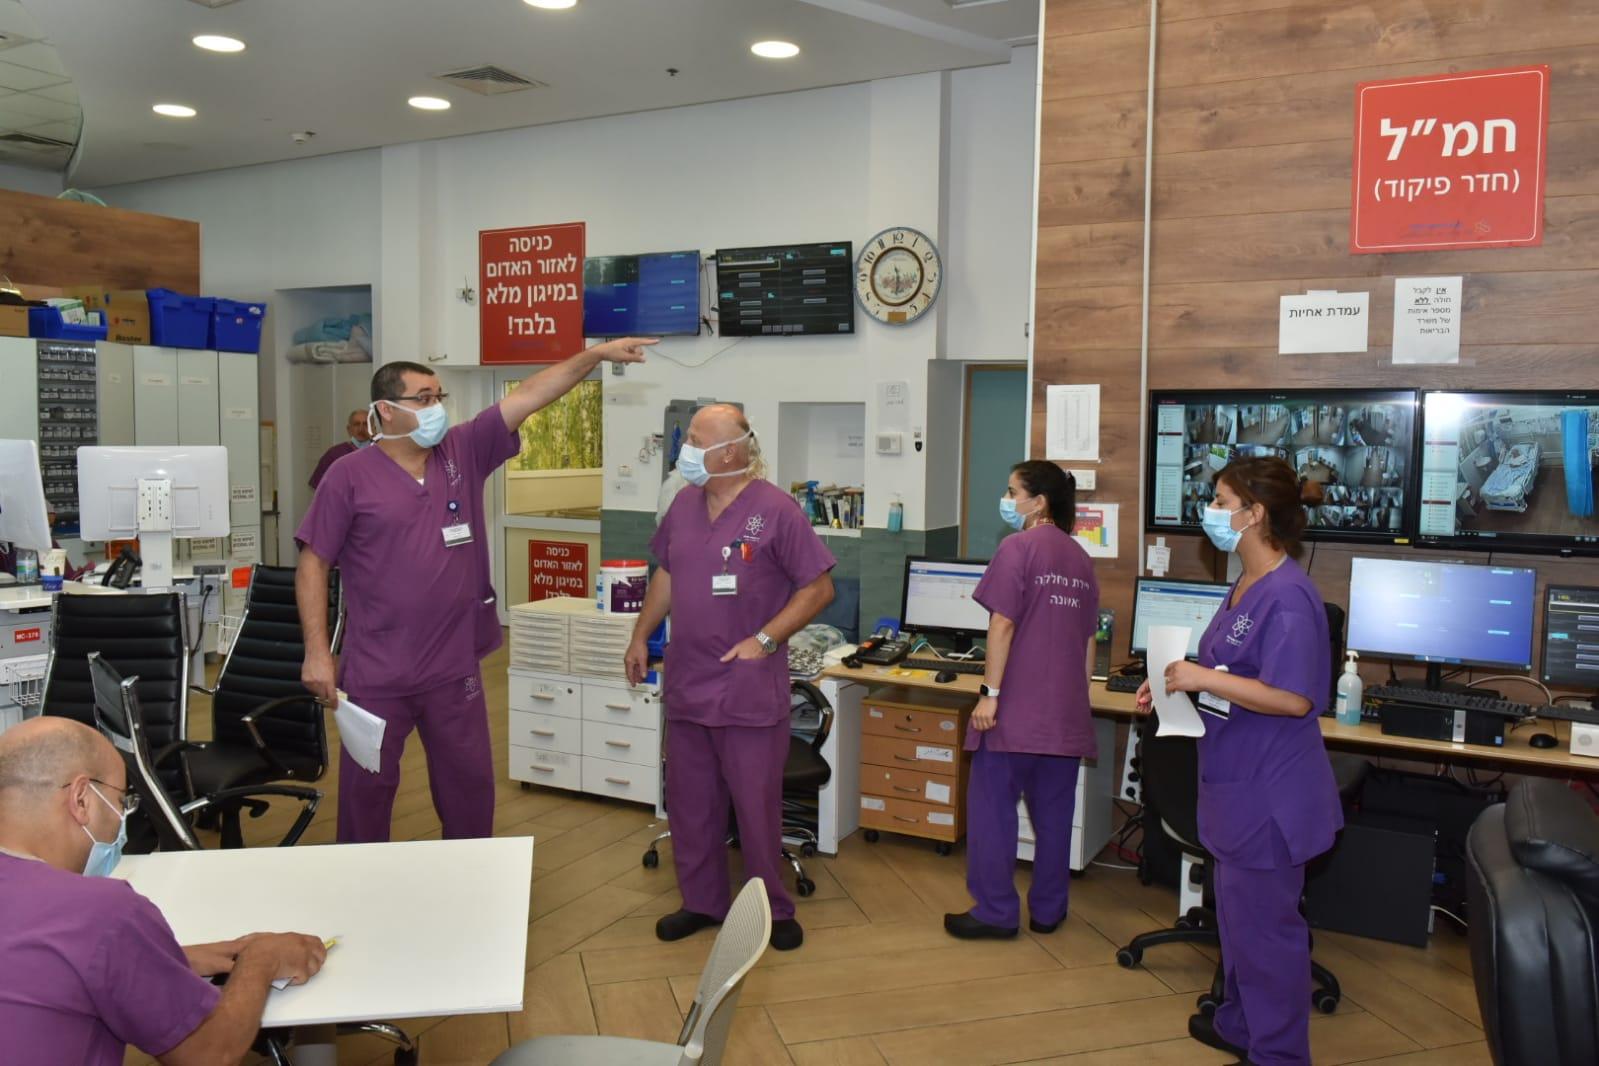 במרכז הרפואי לגליל שבנהריה נפתחה מחדש מחלקת הקורונה